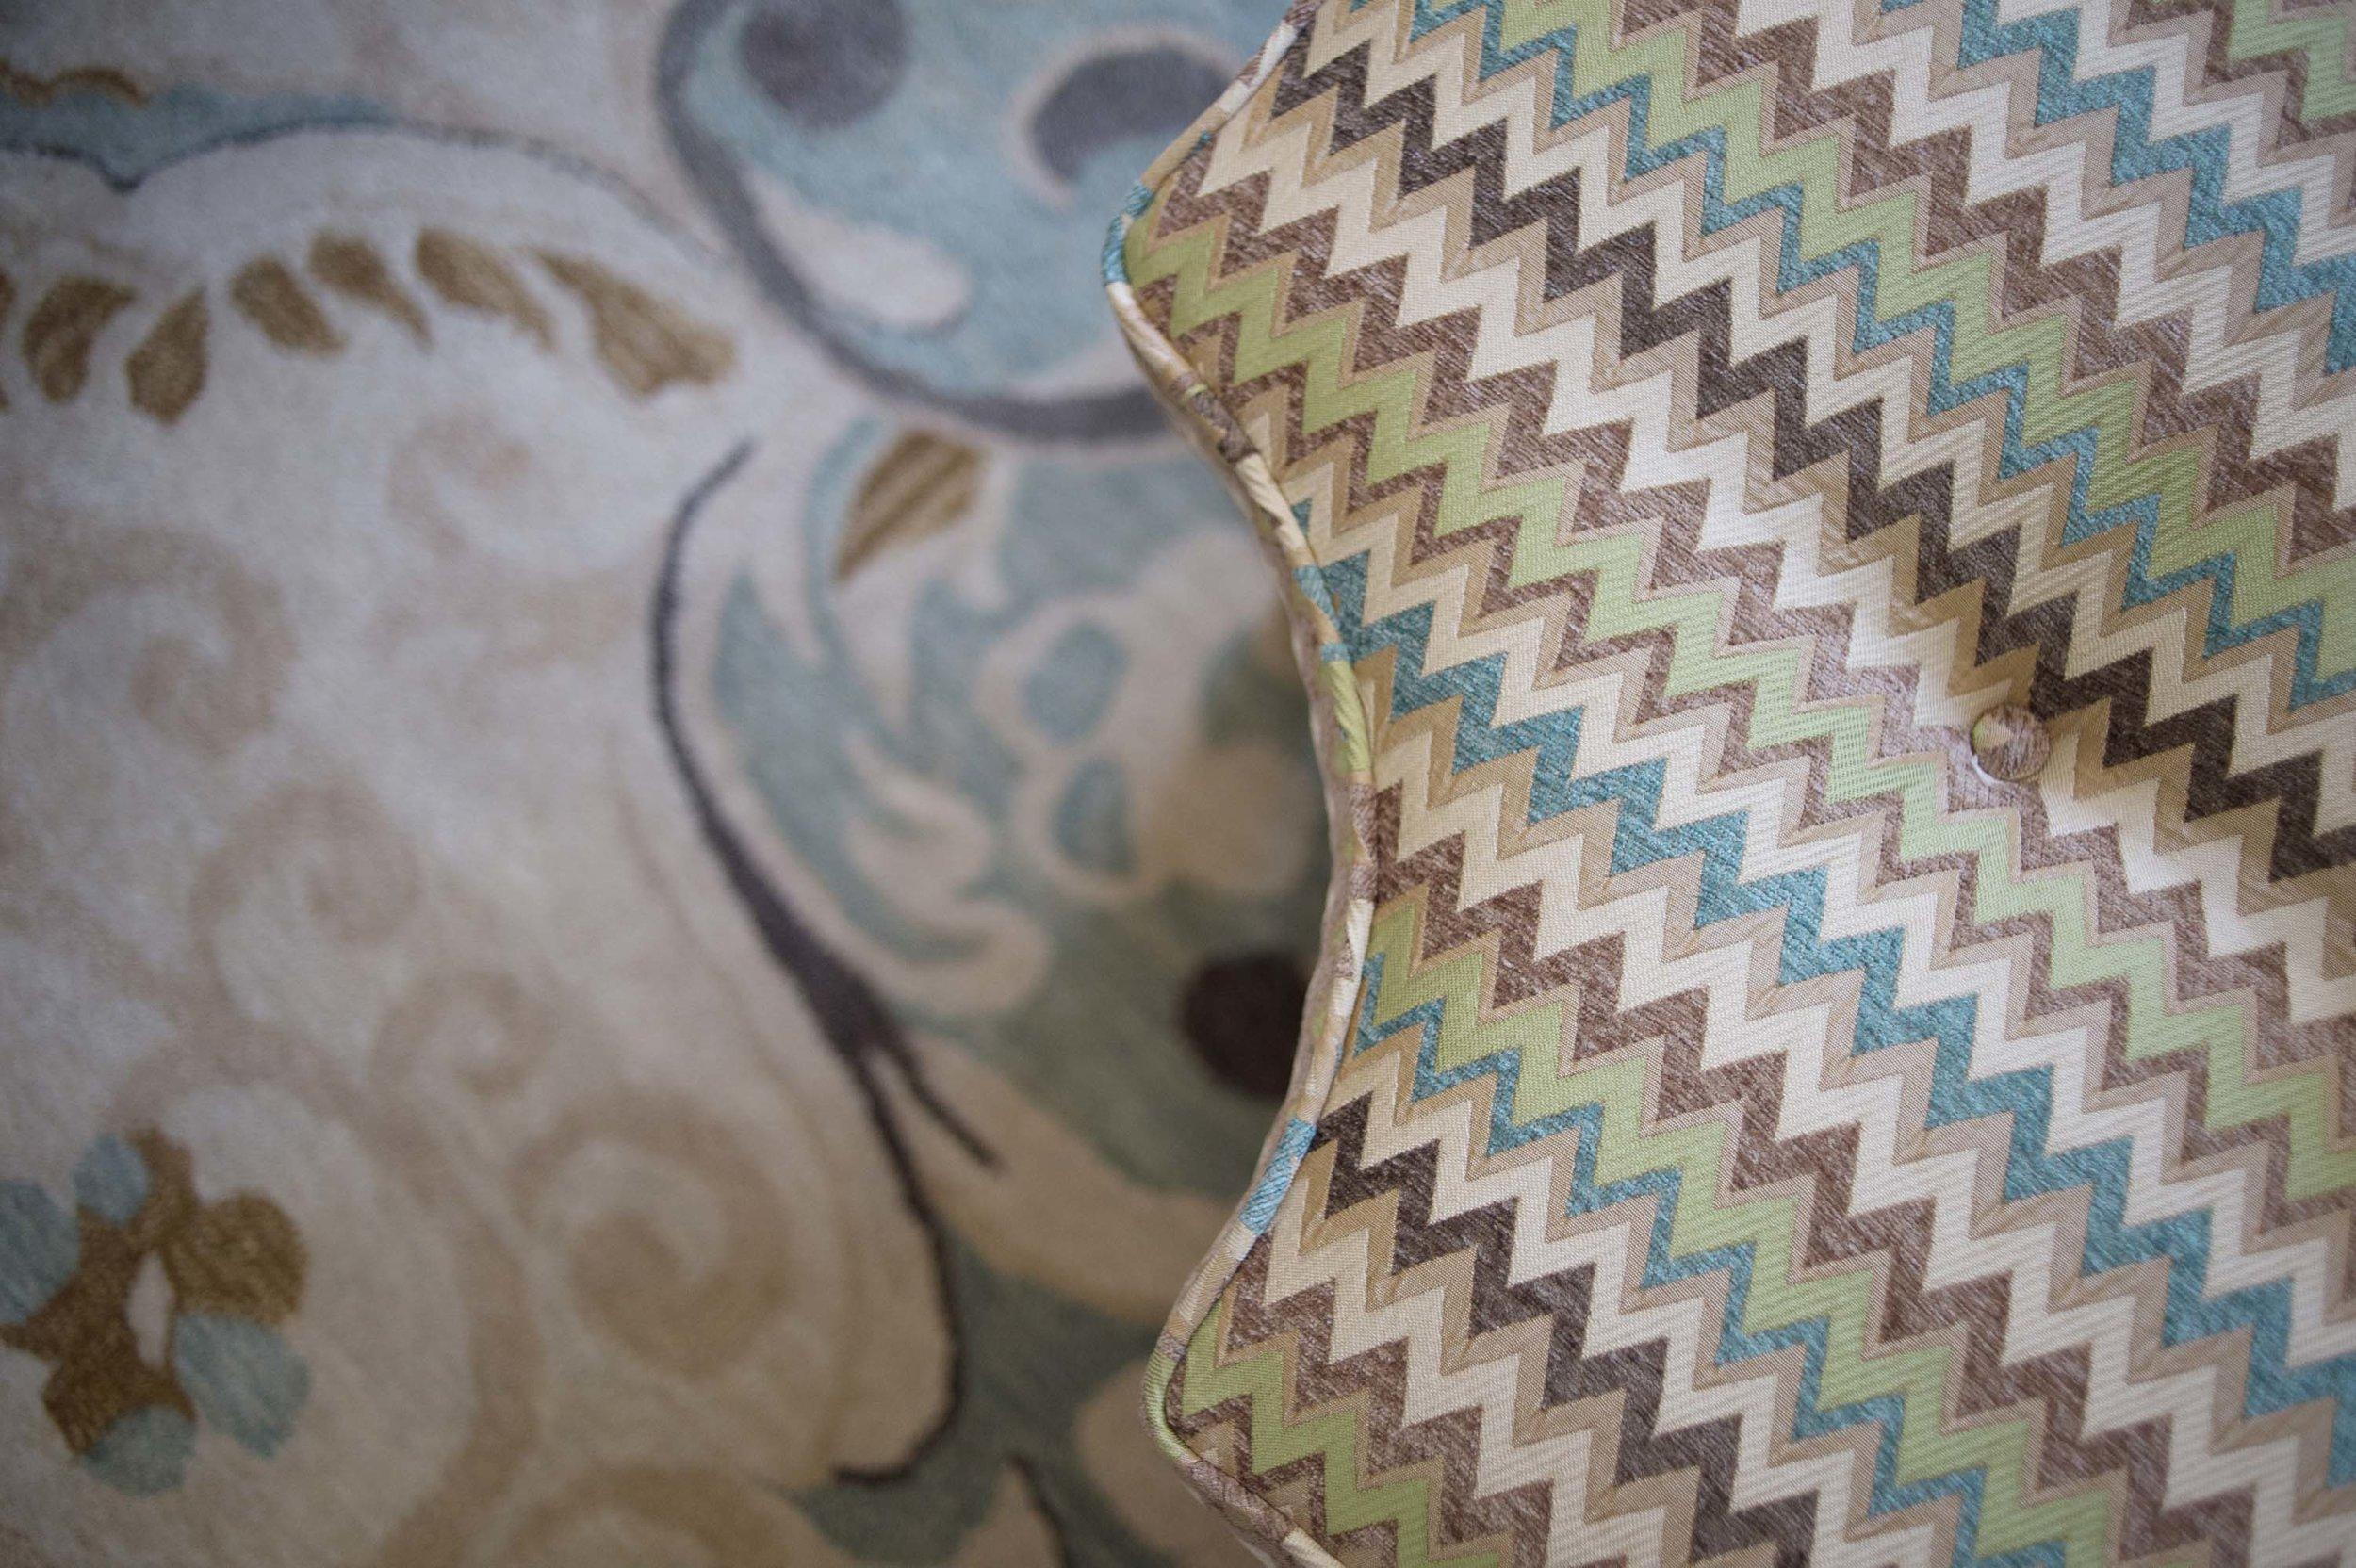 Ottoman edge with colorful zigzag design